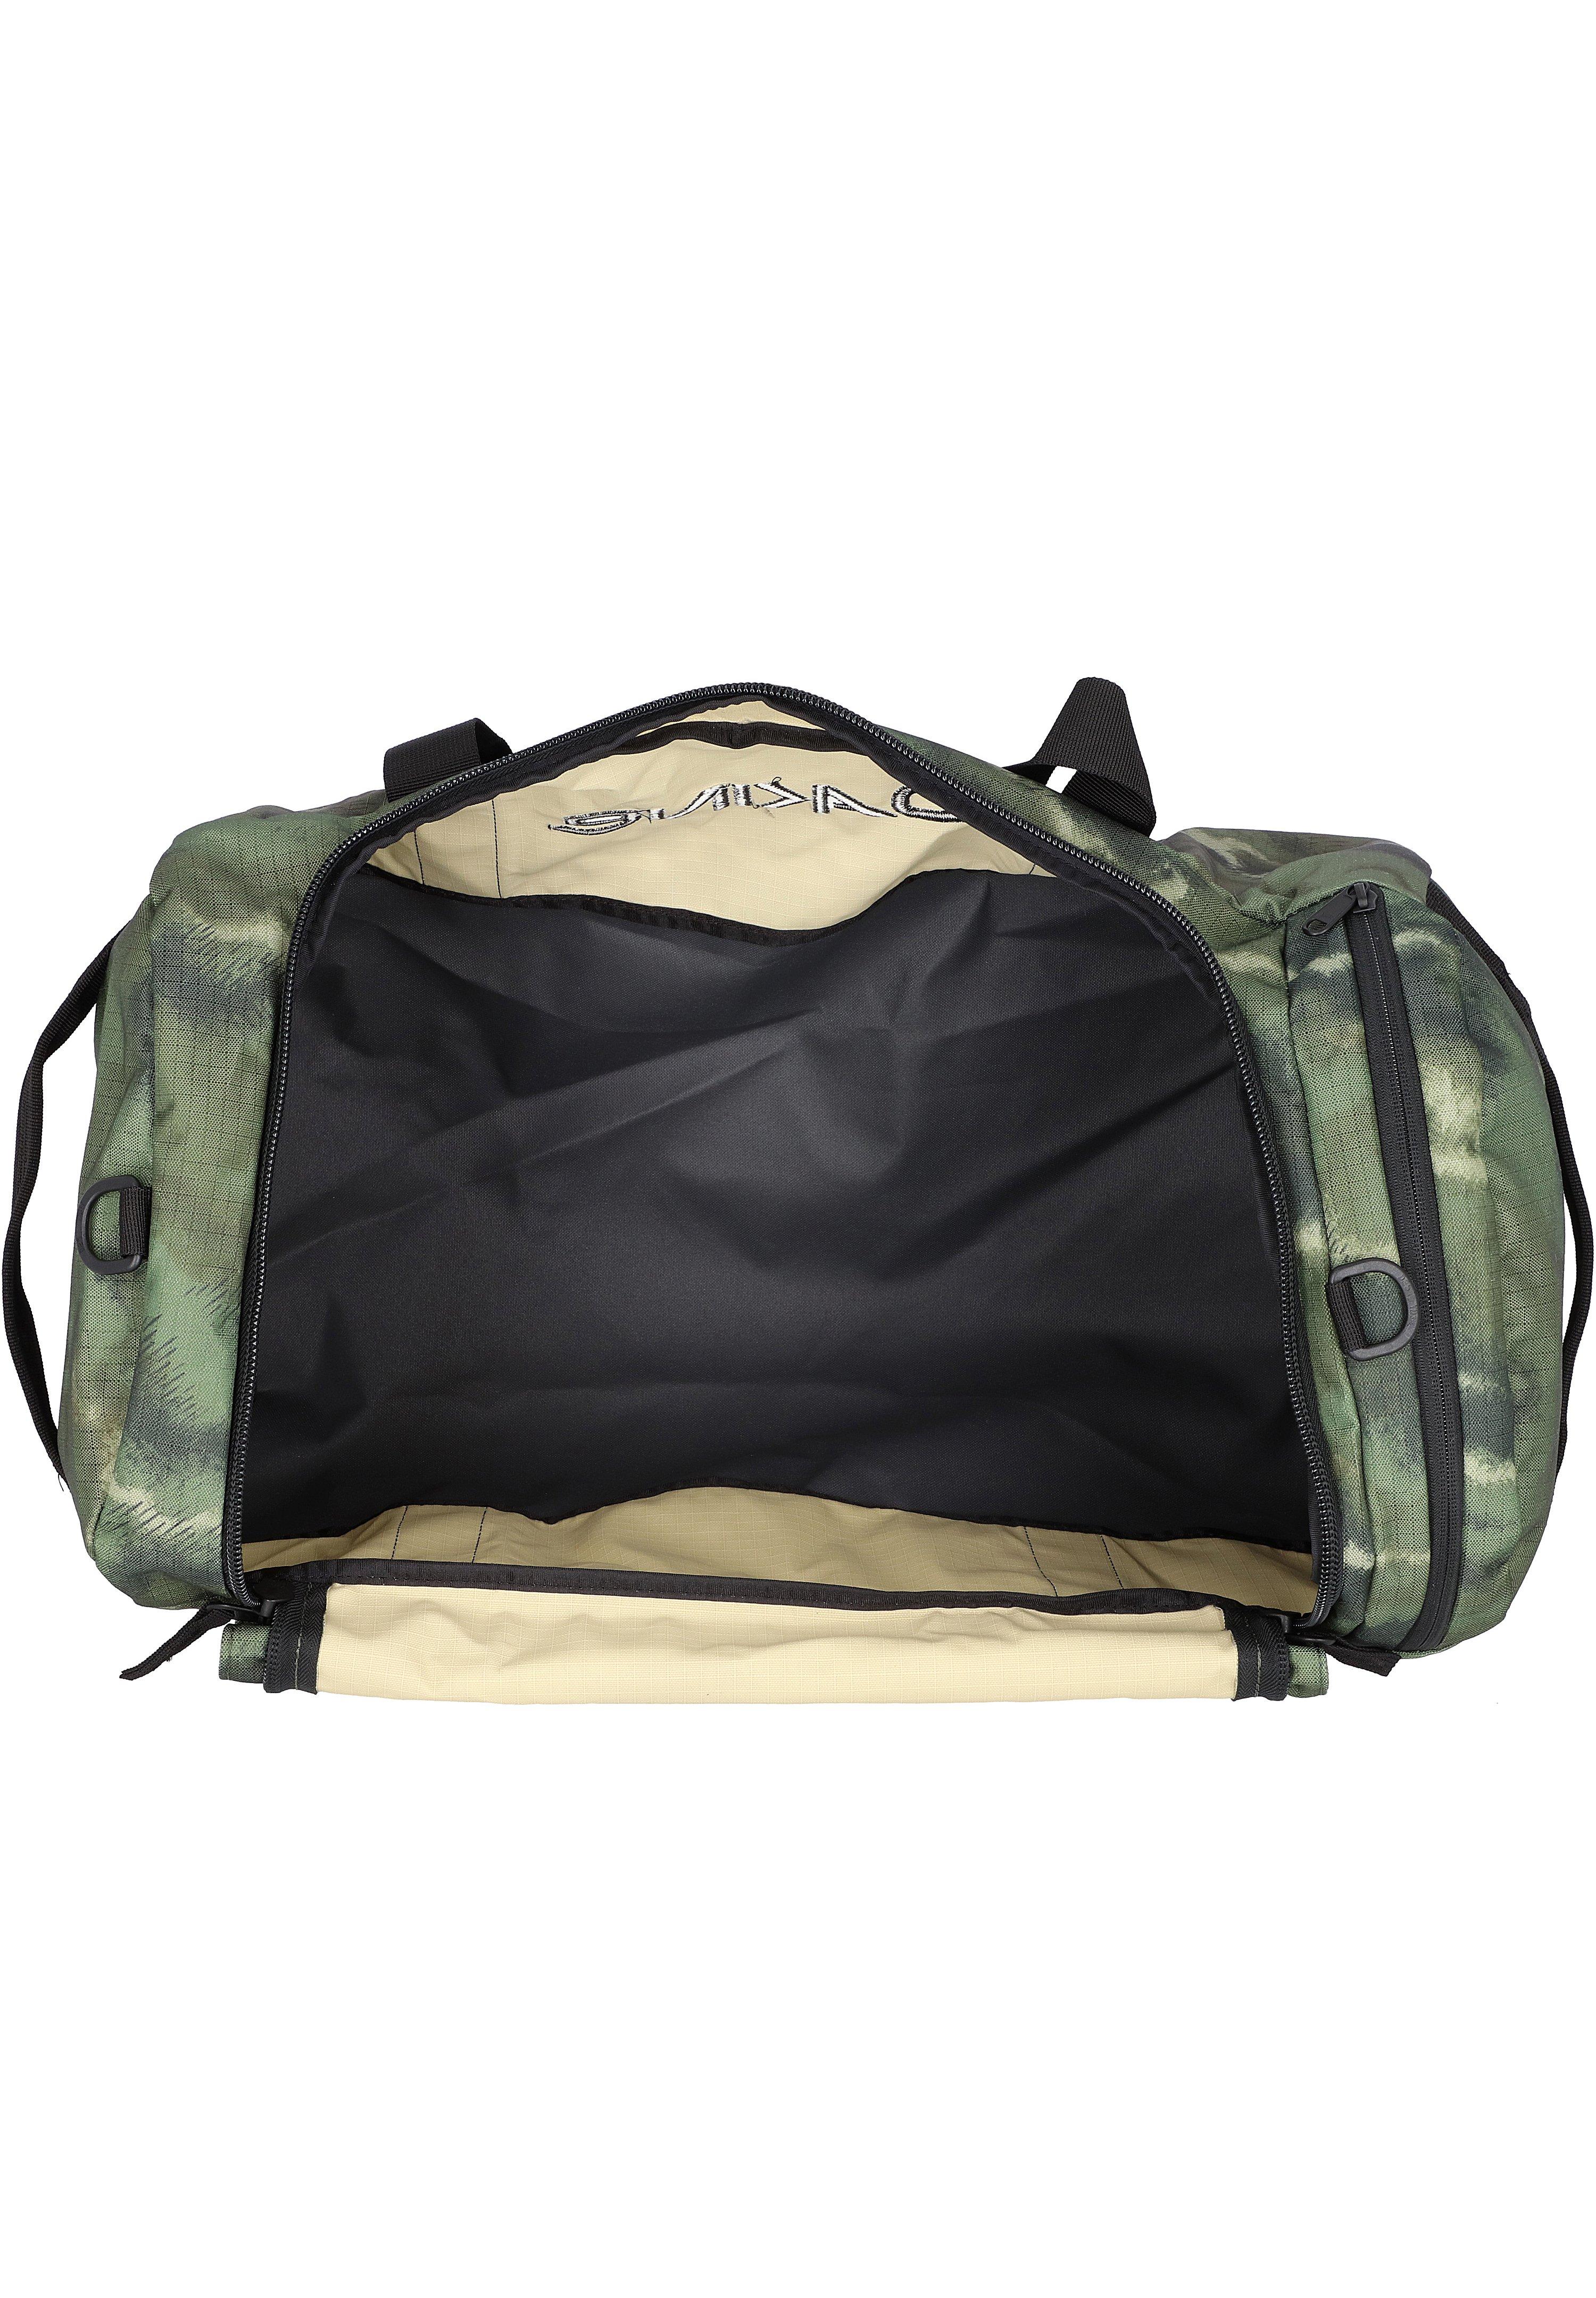 Dakine 50L - Reisetasche - olive ashcroft camo/dunkelgrün - Herrentaschen 8VOc0